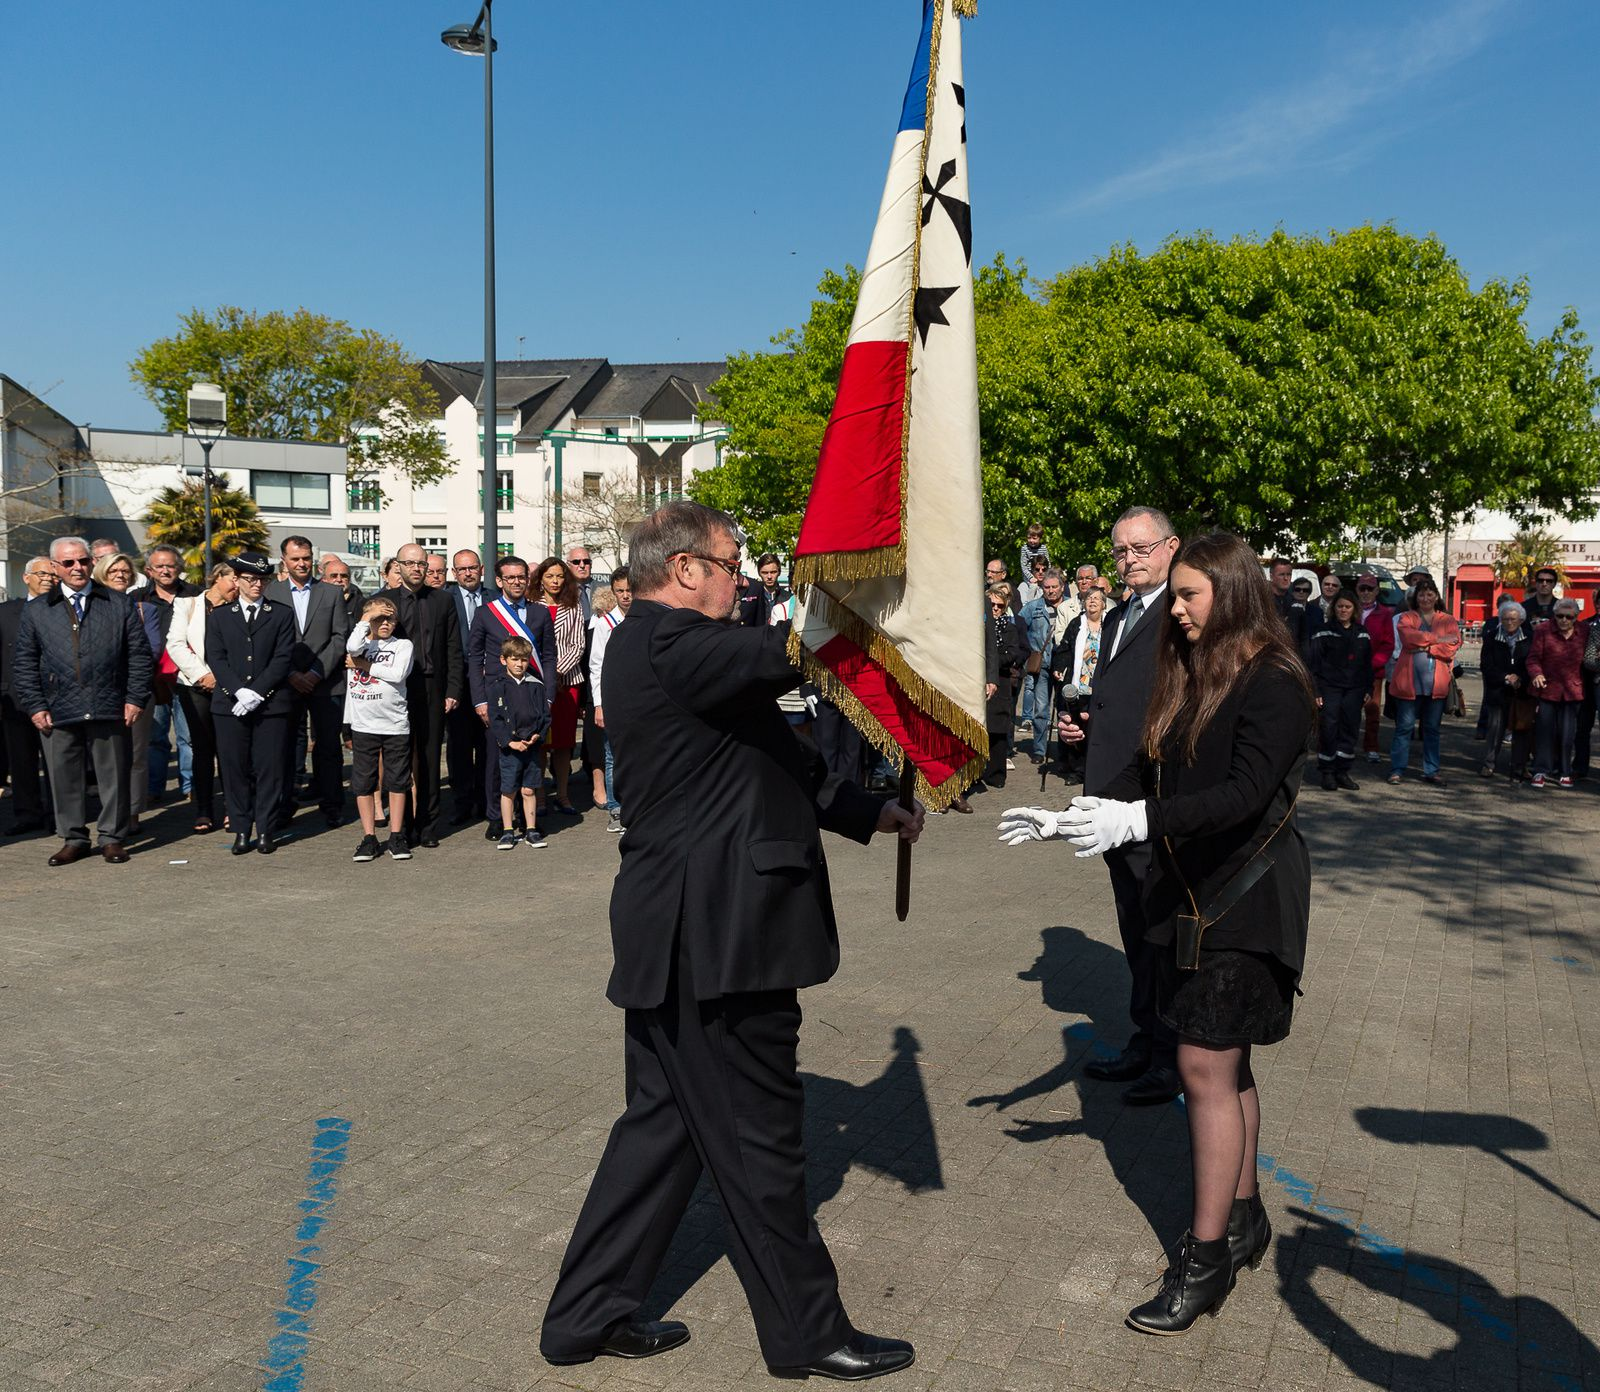 Retour en images sur la cérémonie du 8 mai . Un grand merci à Didier Rousseau pour ce beau reportage.